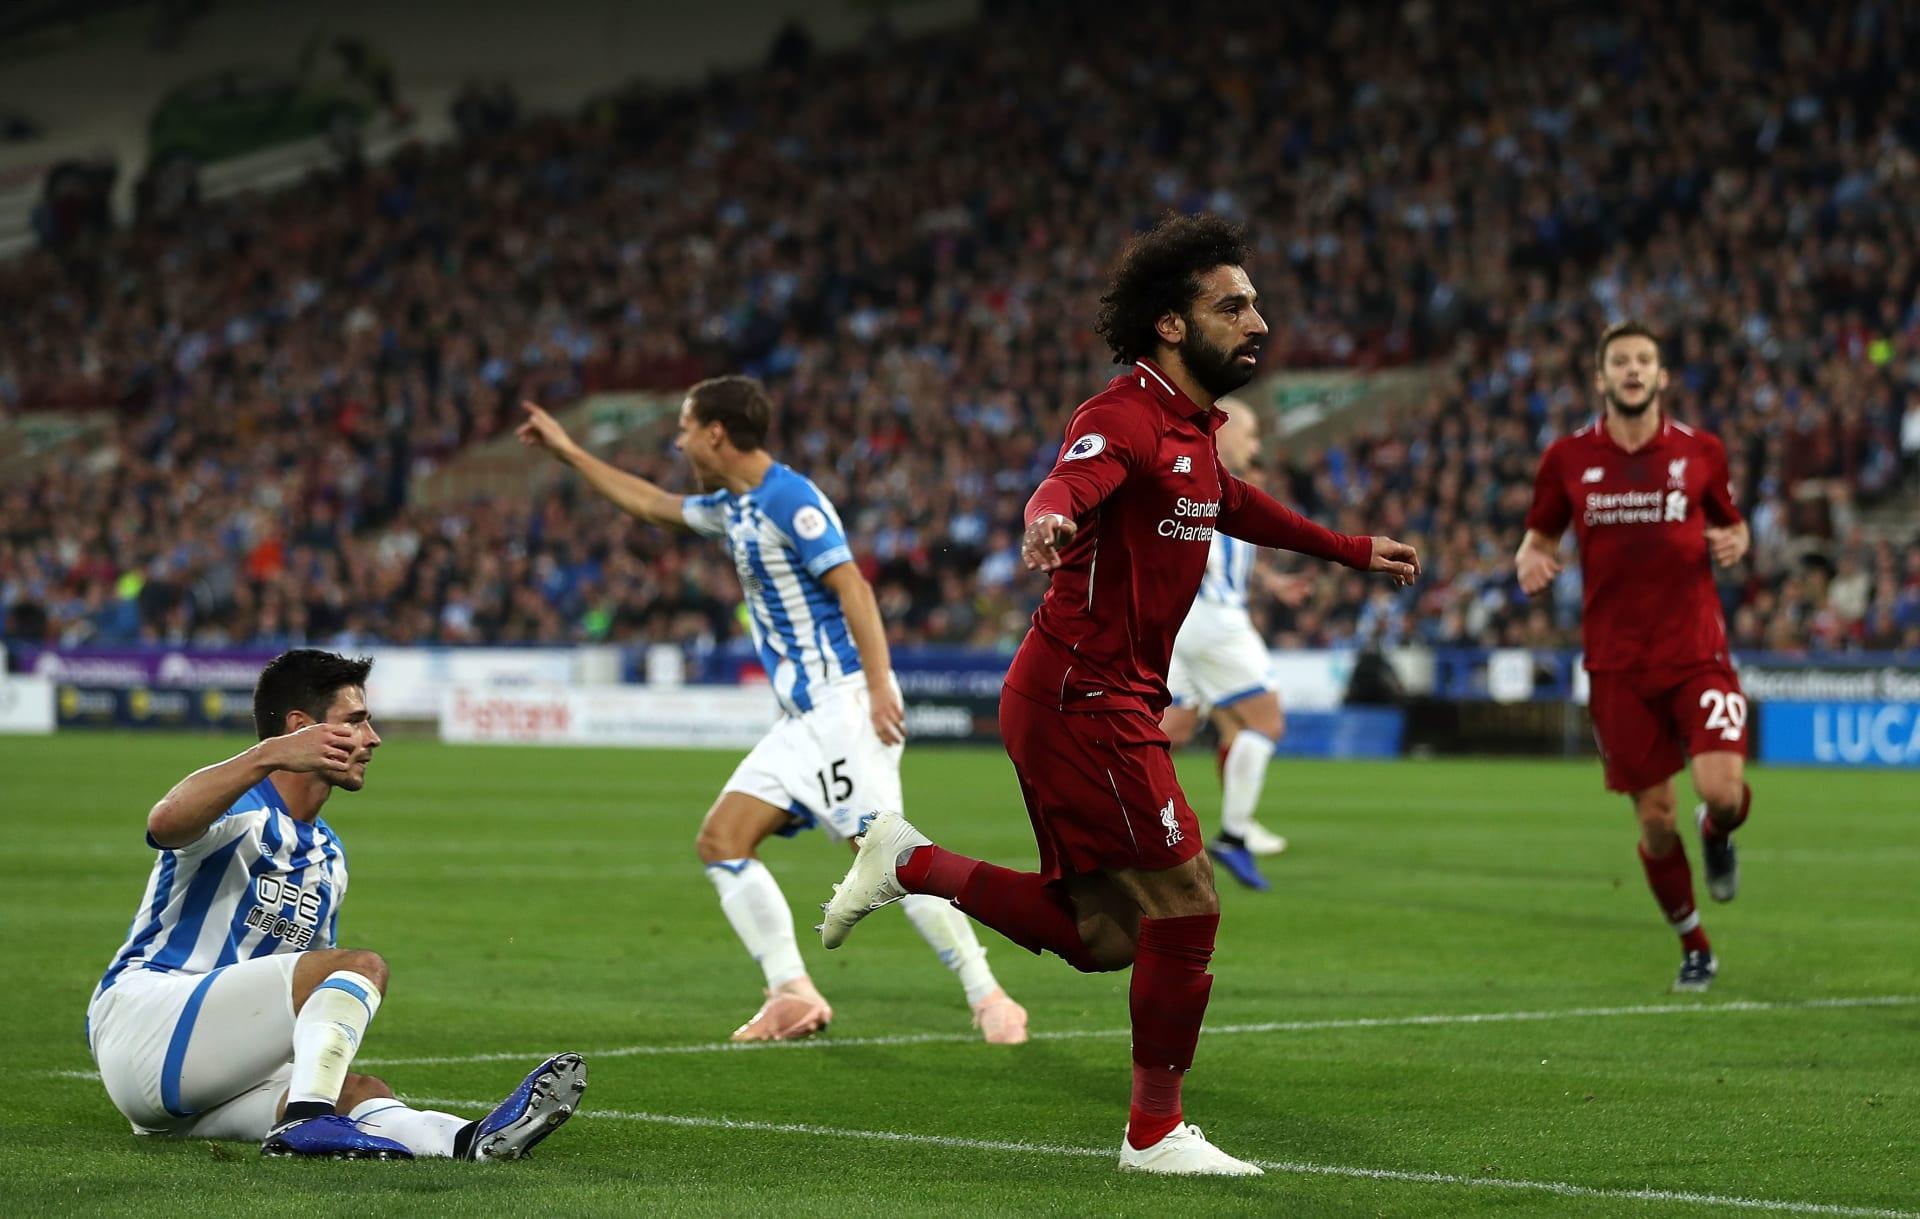 ماذا قال محمد صلاح بعد أن قاد ليفربول لفوز على هدرسفيلد؟